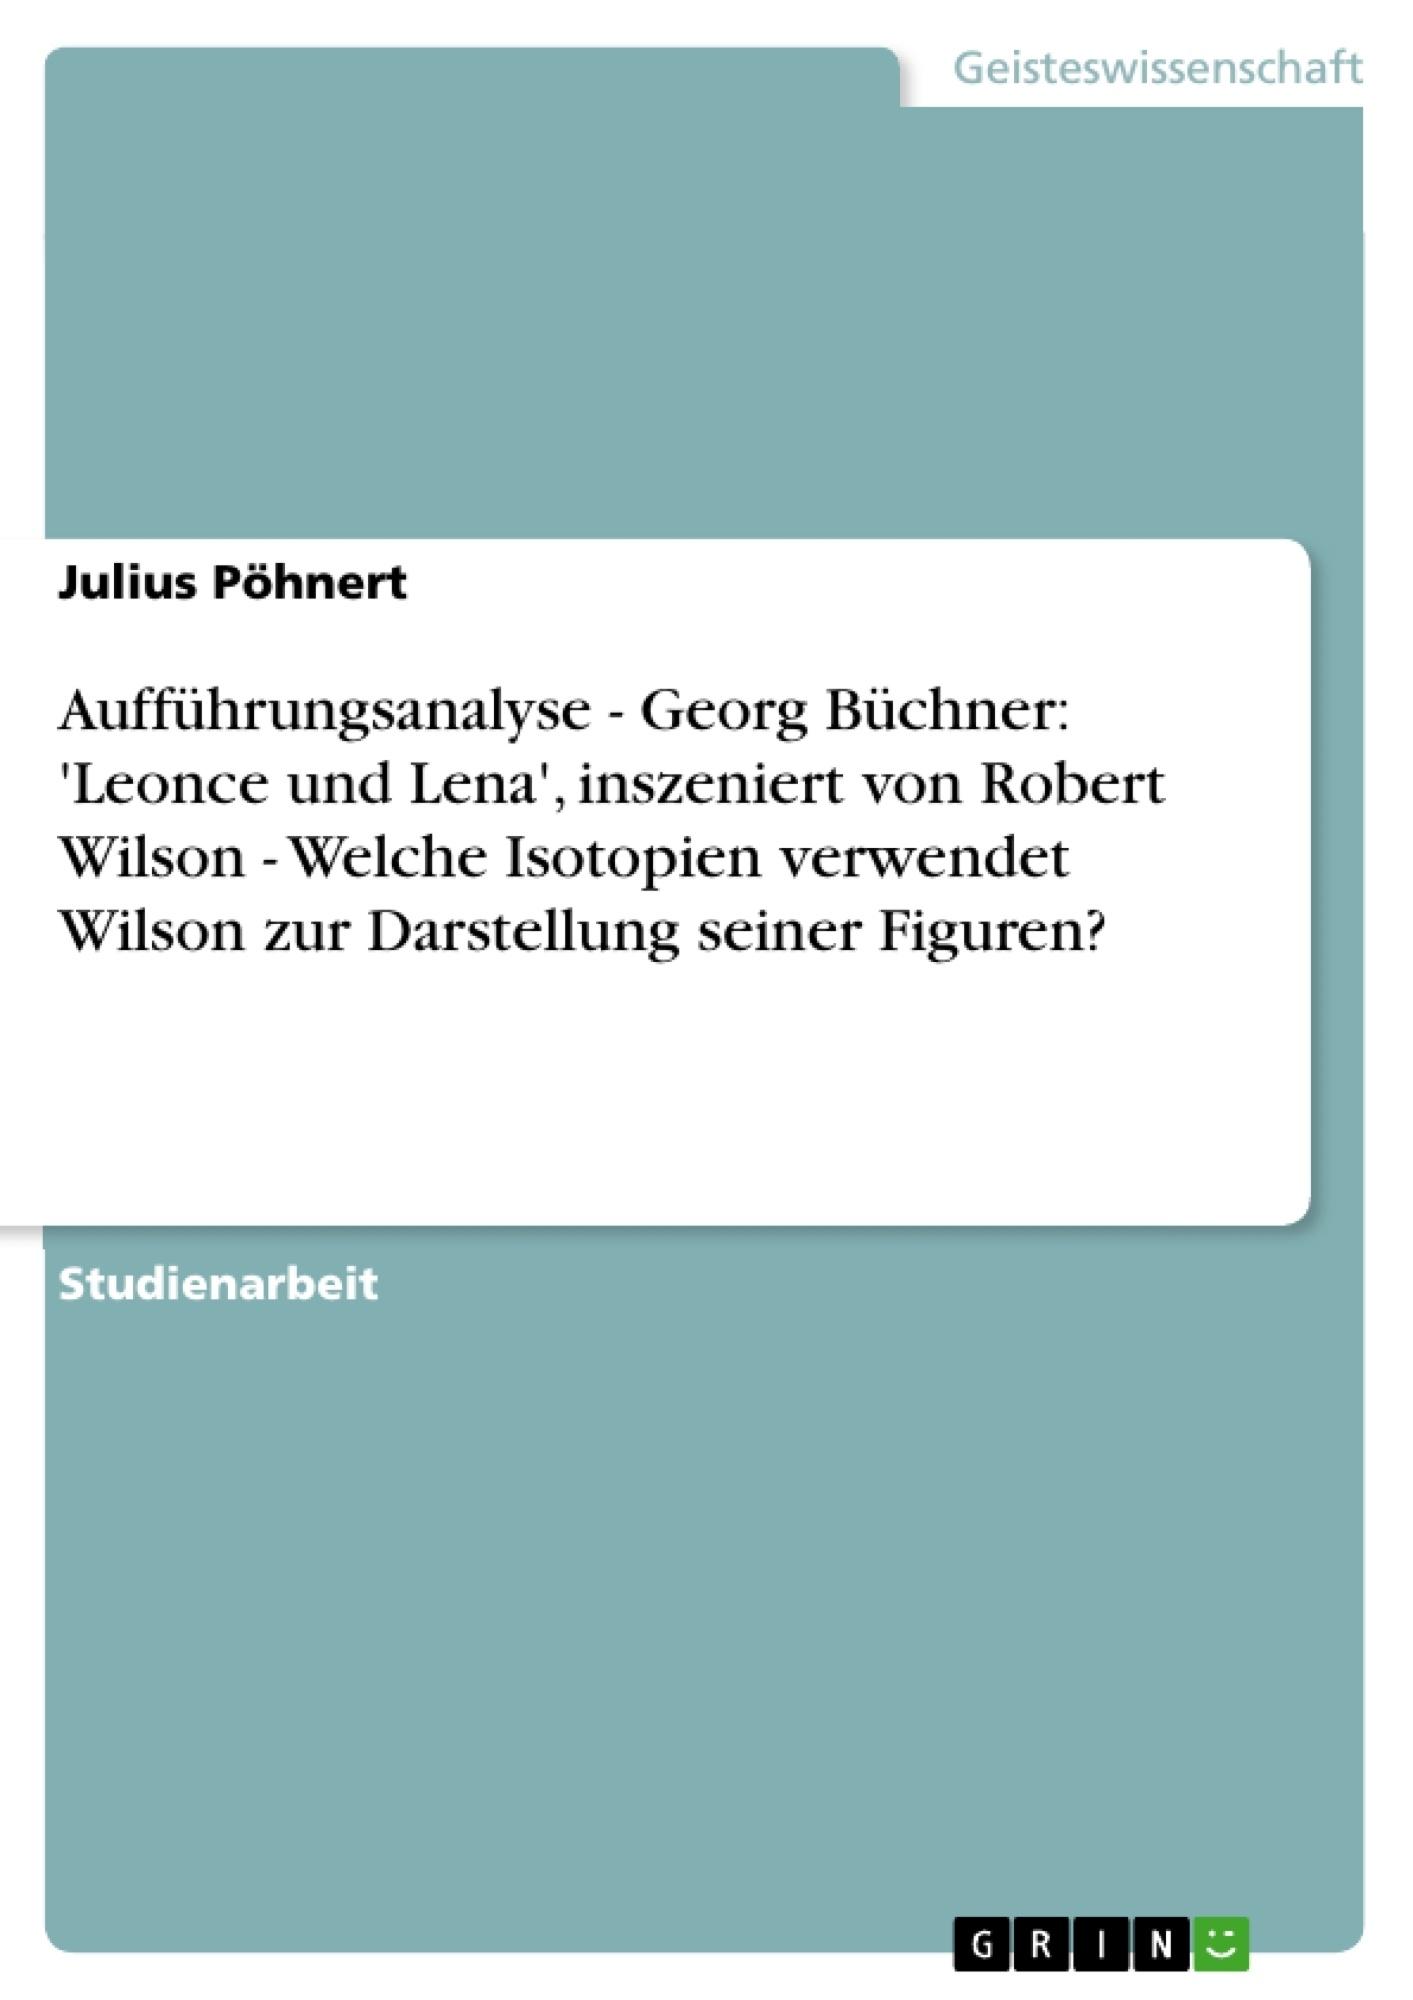 Titel: Aufführungsanalyse - Georg Büchner: 'Leonce und Lena', inszeniert von Robert Wilson - Welche Isotopien verwendet Wilson zur Darstellung seiner Figuren?